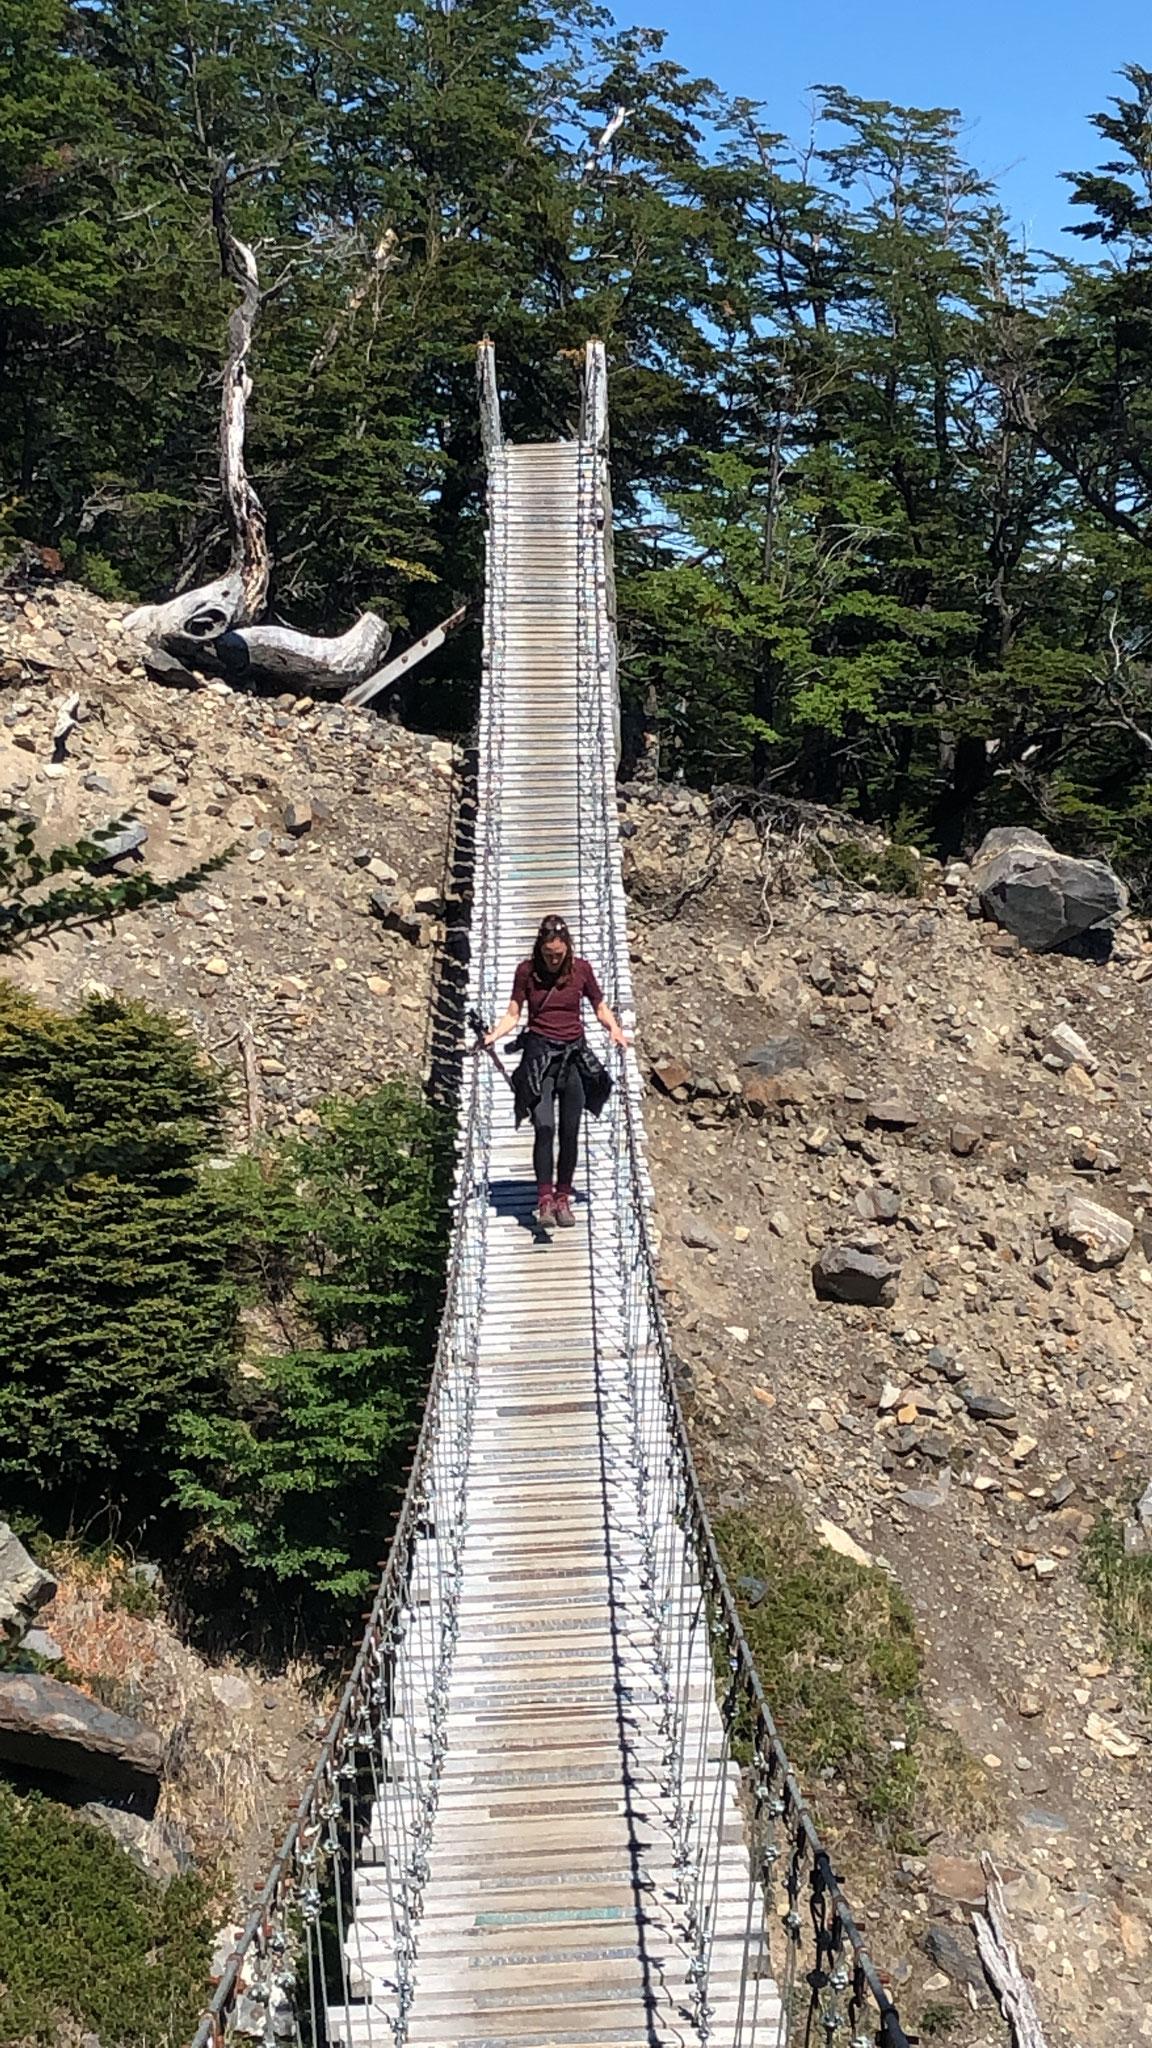 Die Brücke wirkt stabil, schaukelt aber ganz schön hin und her